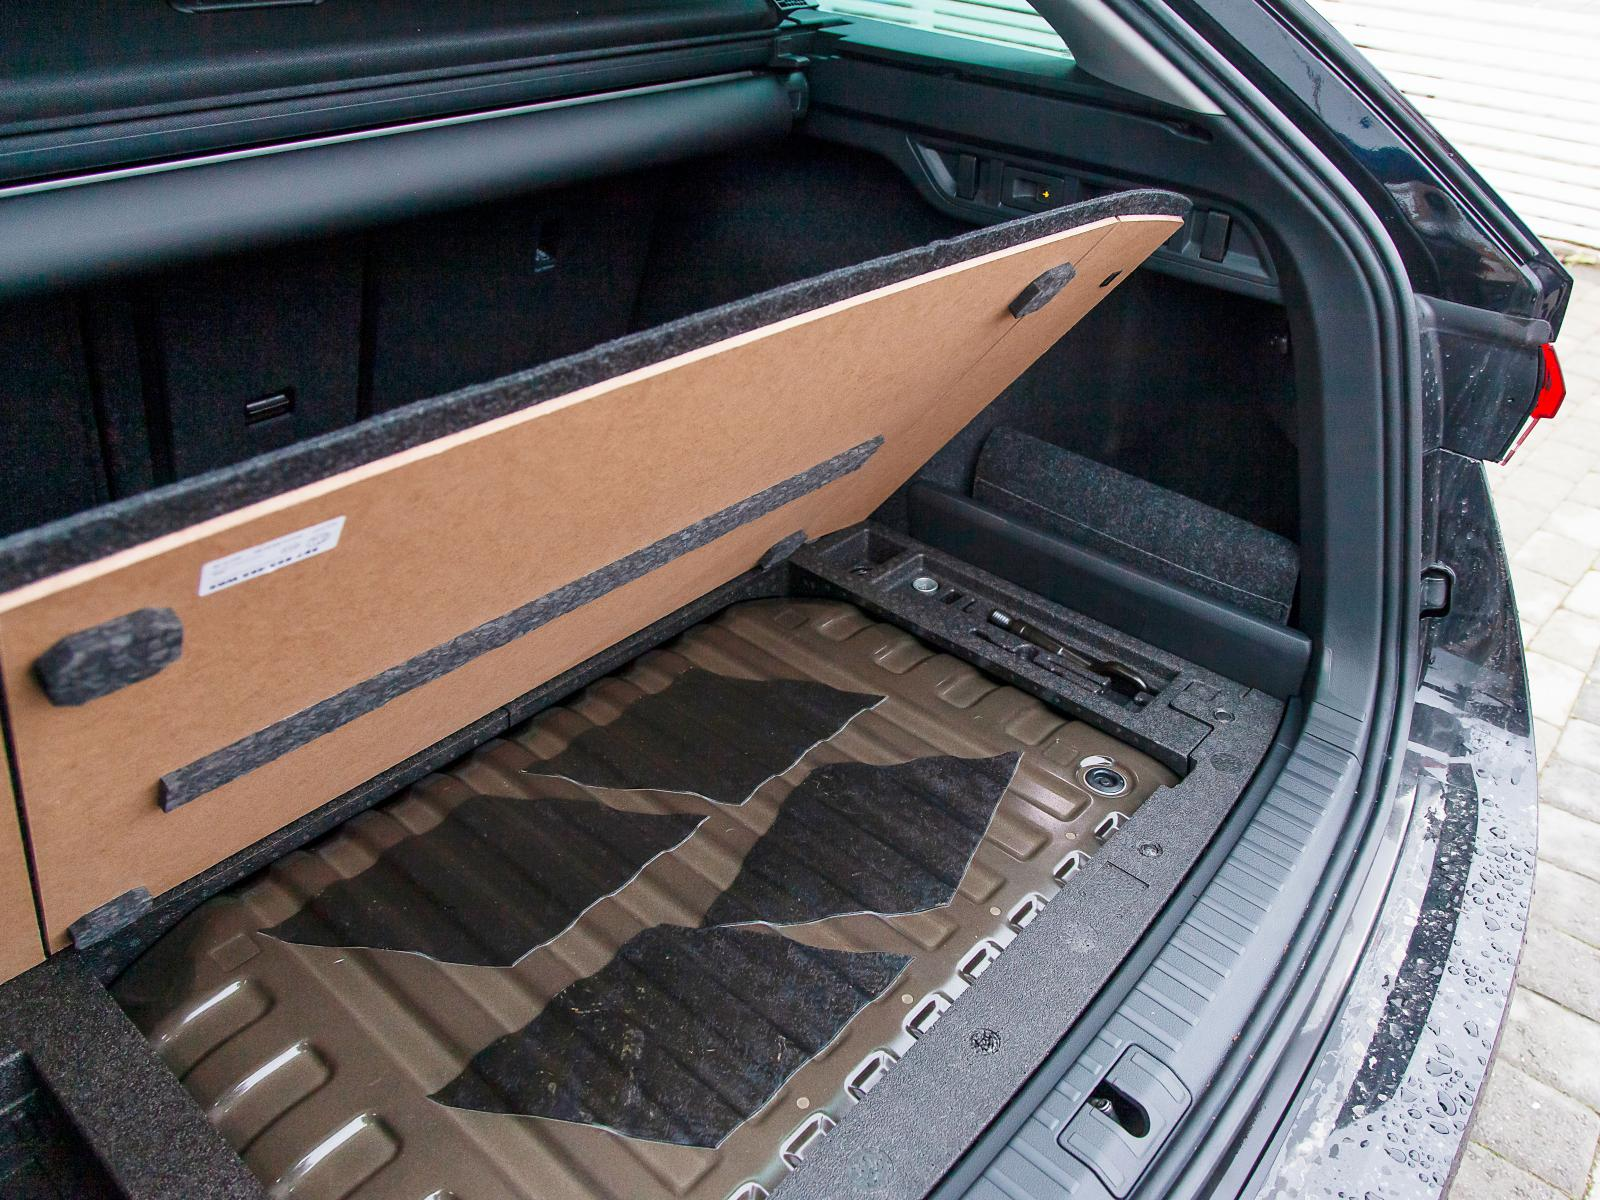 Gastankarna sitter numera under lastutrymmets golv och möjliggör 495 liter för övrigt bagage.